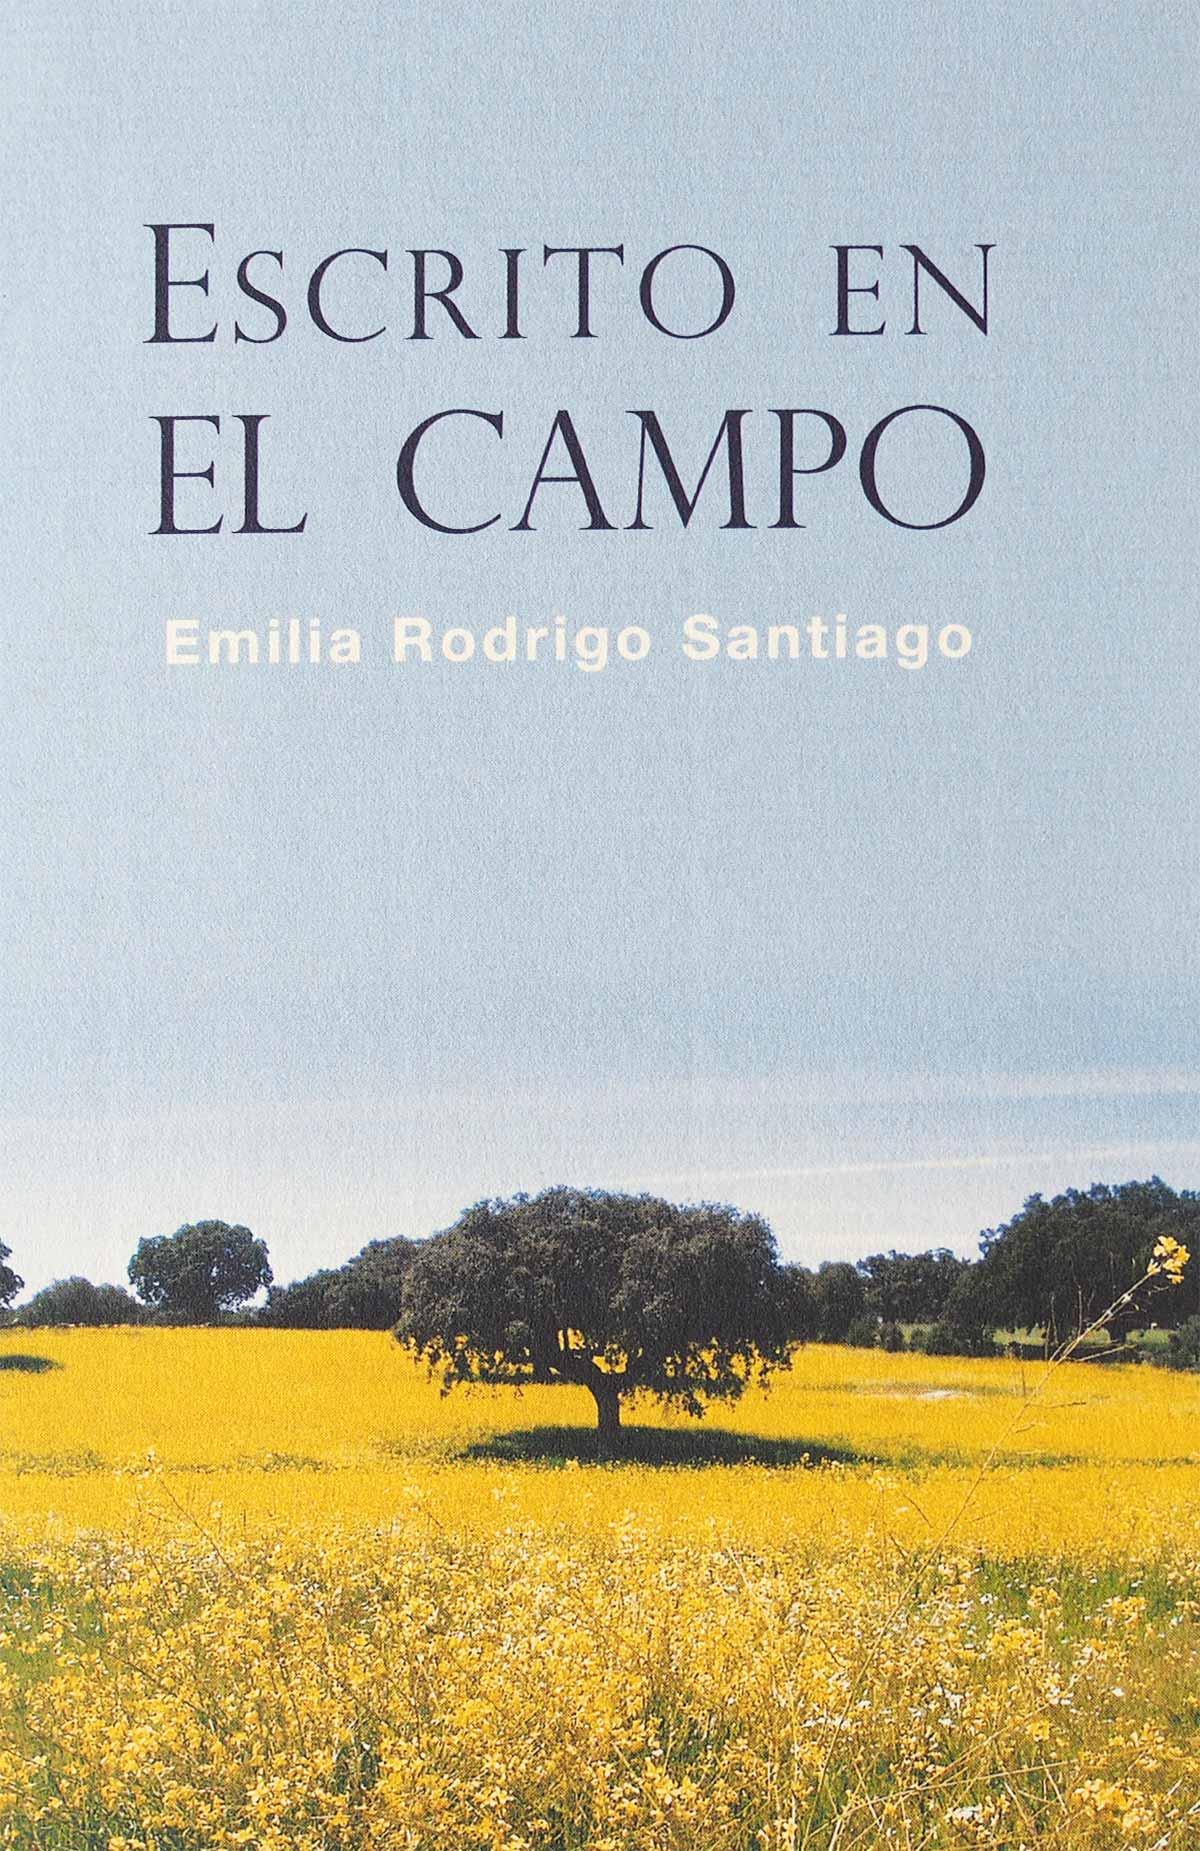 Escrito en el campo Emilia Rodríguez Santiago Editorial Semuret